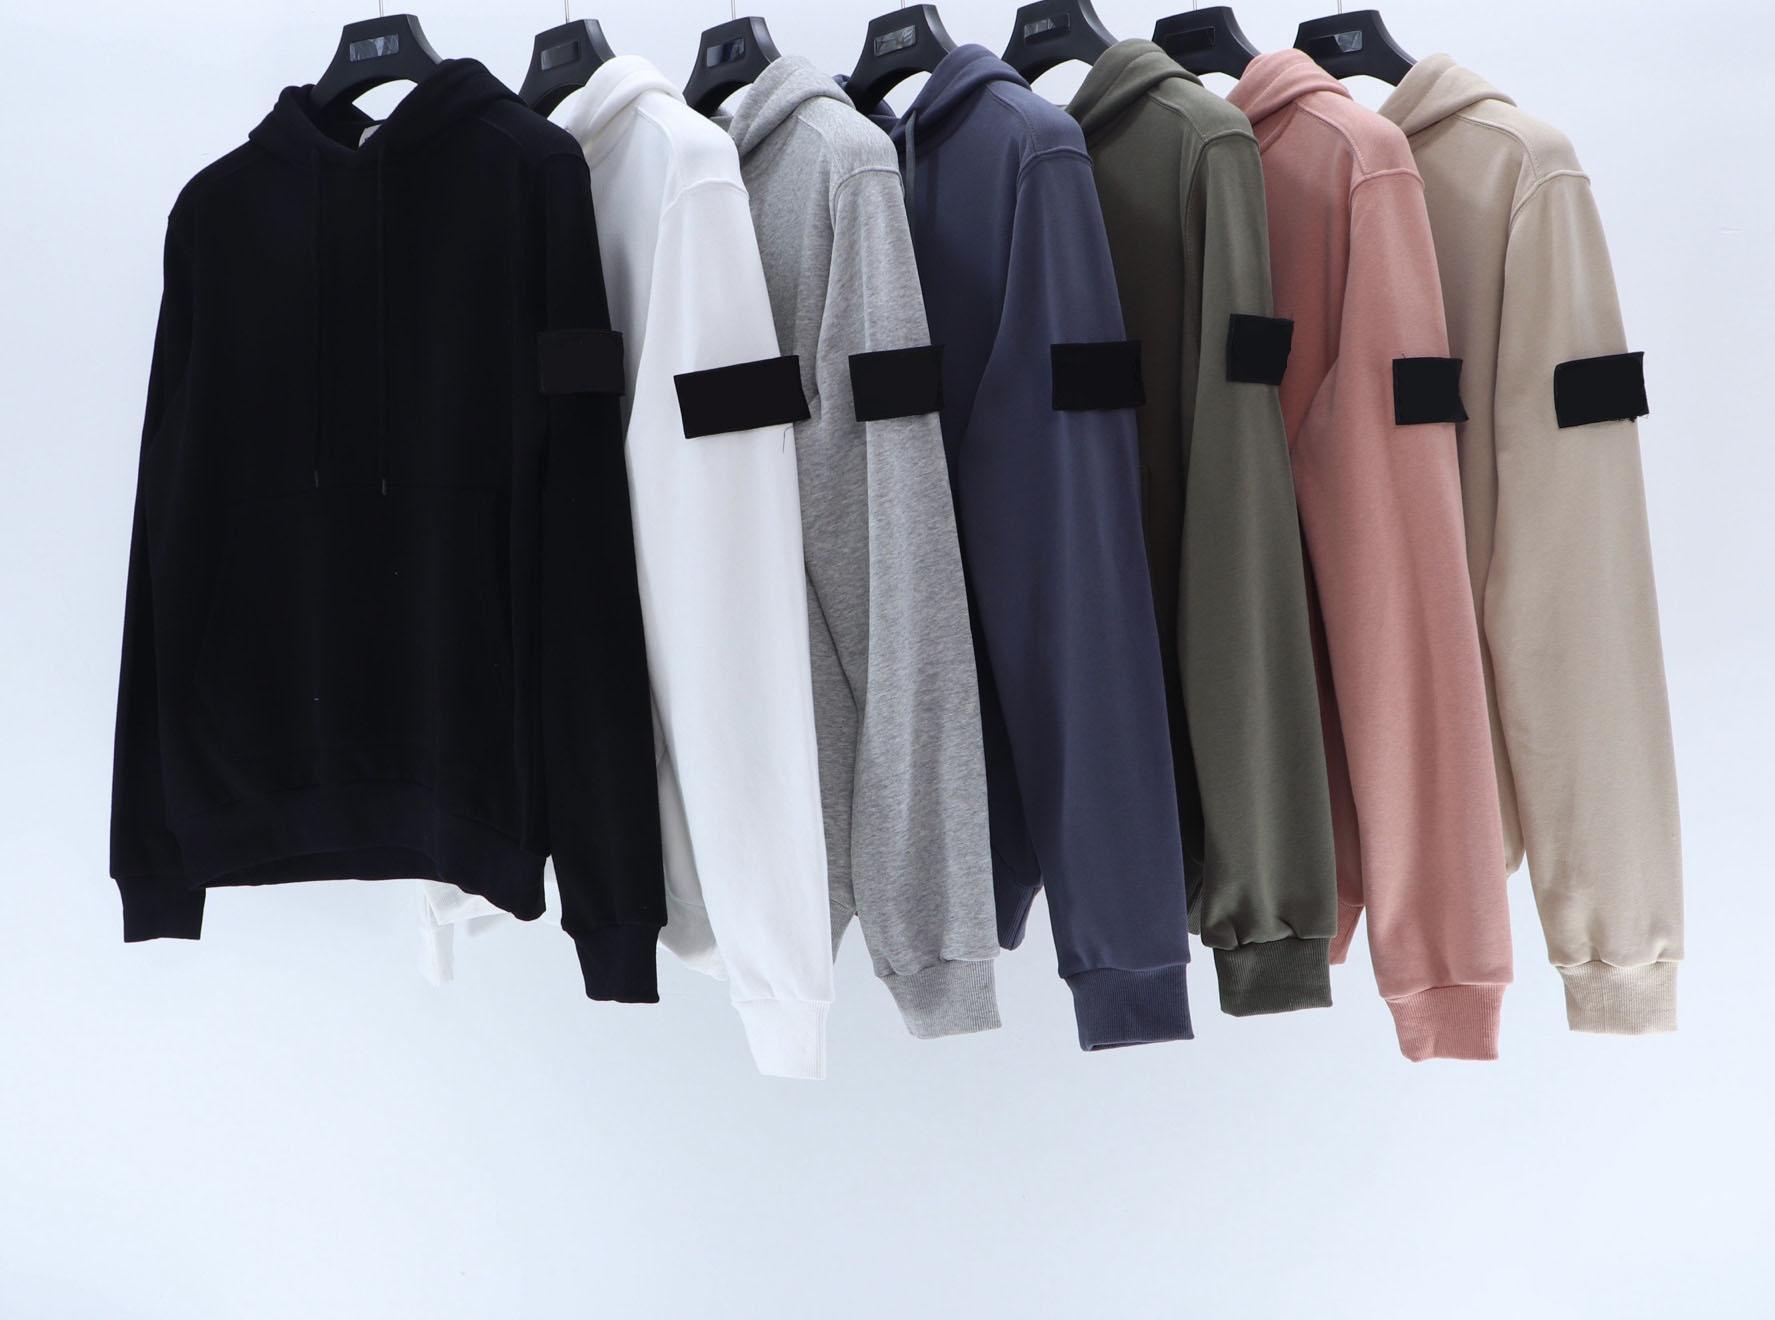 2020 أوروبا والولايات المتحدة من النوع الثقيل هوديي الشارع الرجال بلوزات قطع مريح الخياطة تصميم الأكمام إلكتروني الذراع التطريز OEM قميص من النوع الثقيل